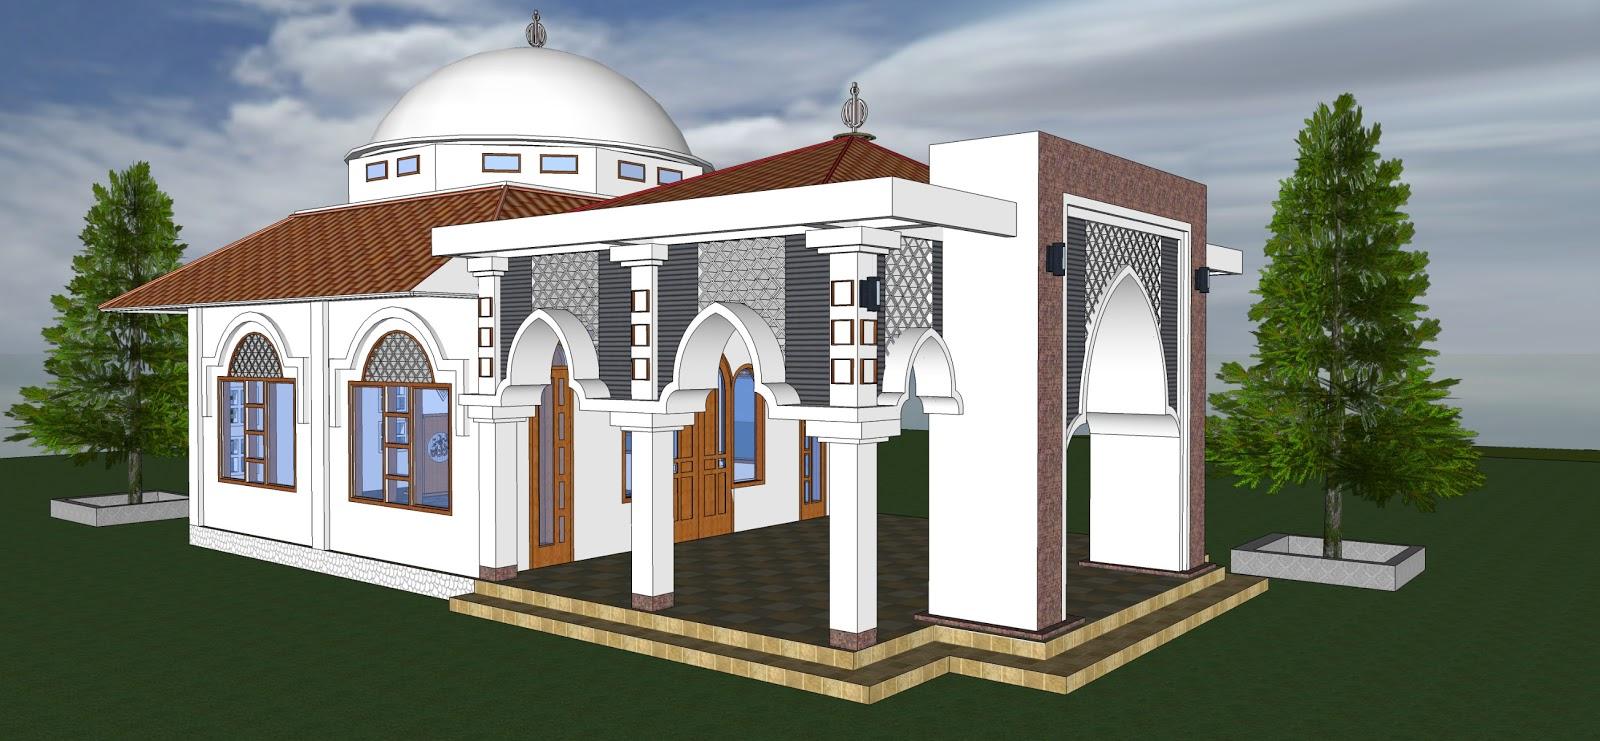 60 Desain Masjid Minimalis Modern Sesuai Dengan Syariat Islam